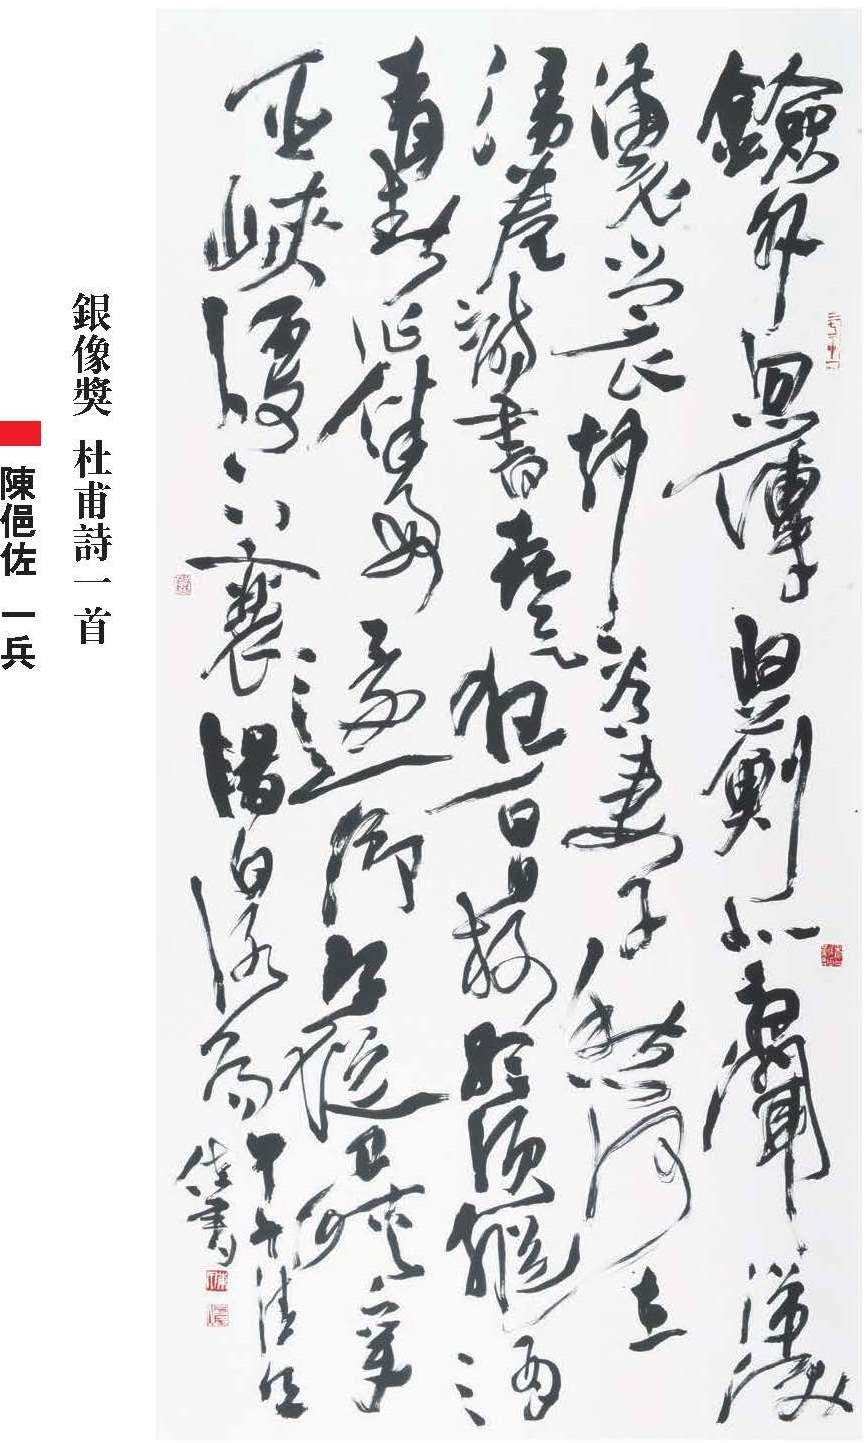 國軍第48屆文藝金像獎書法類銀像獎_杜甫詩一首_陳俋佐.jpg